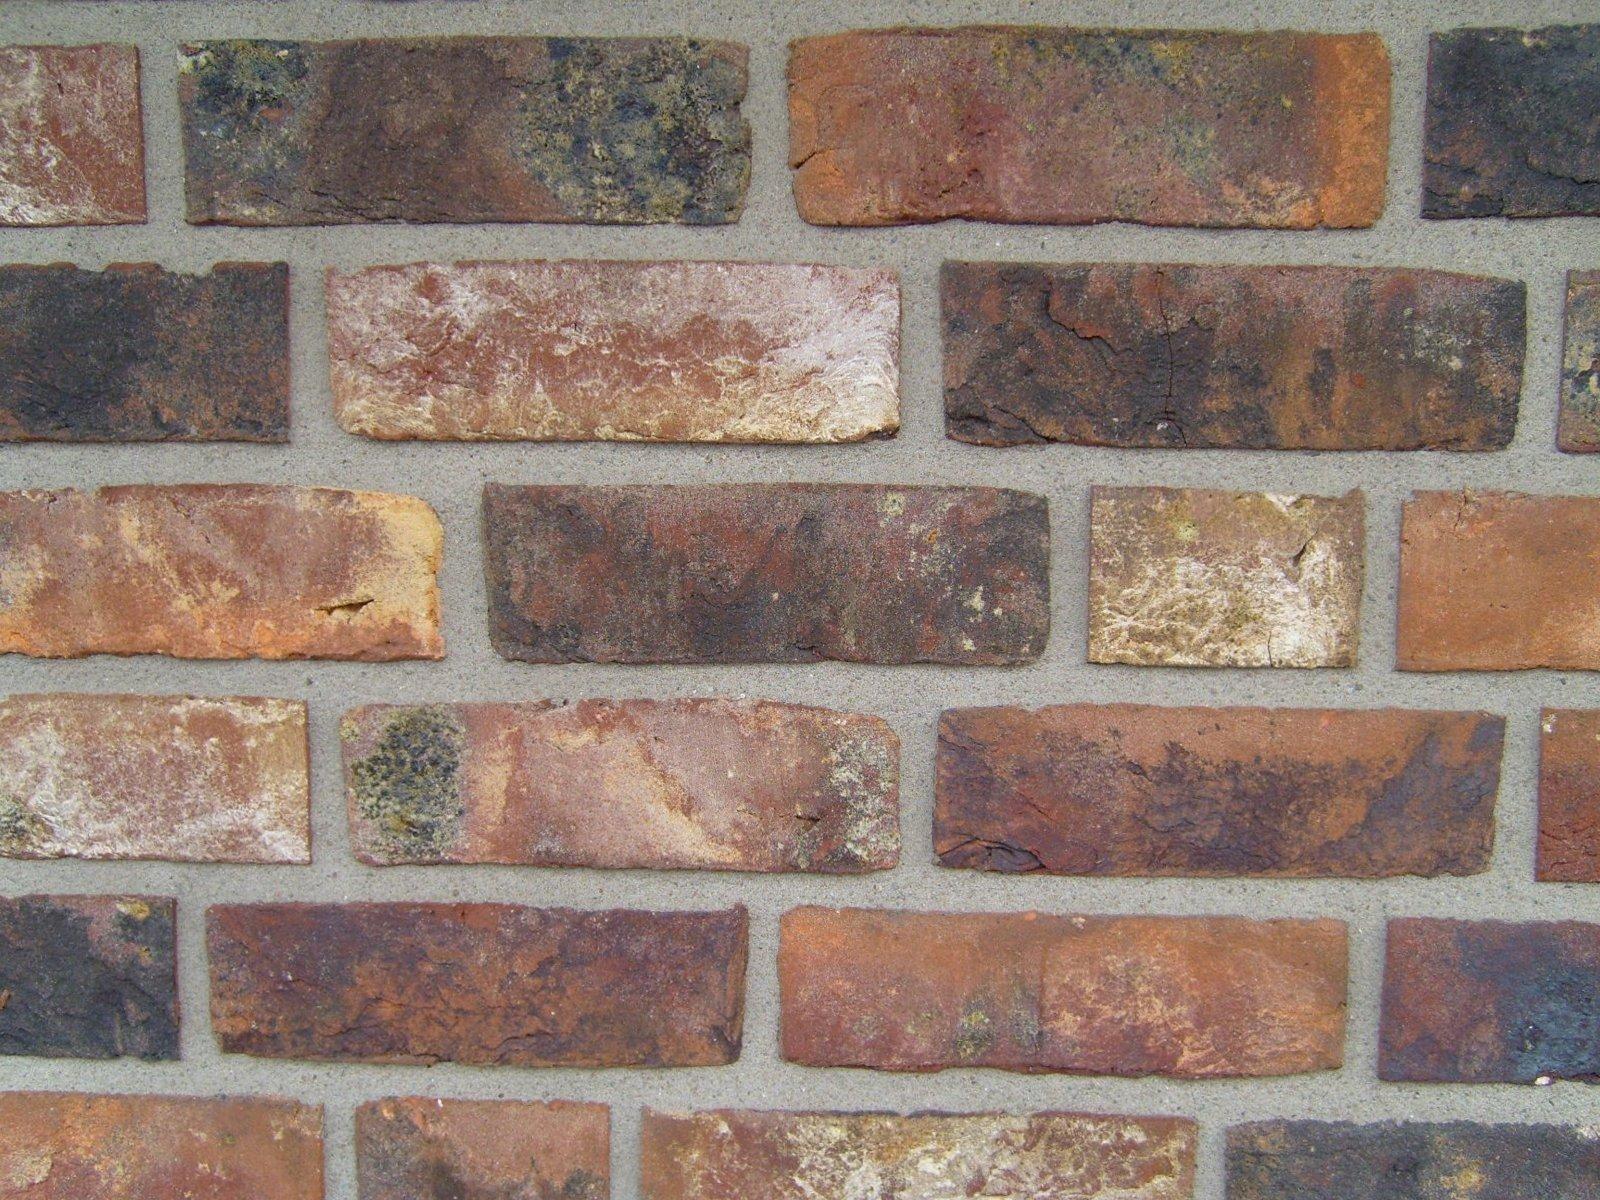 Decorative Masonry Walls : File decorative brick wall g wikimedia commons